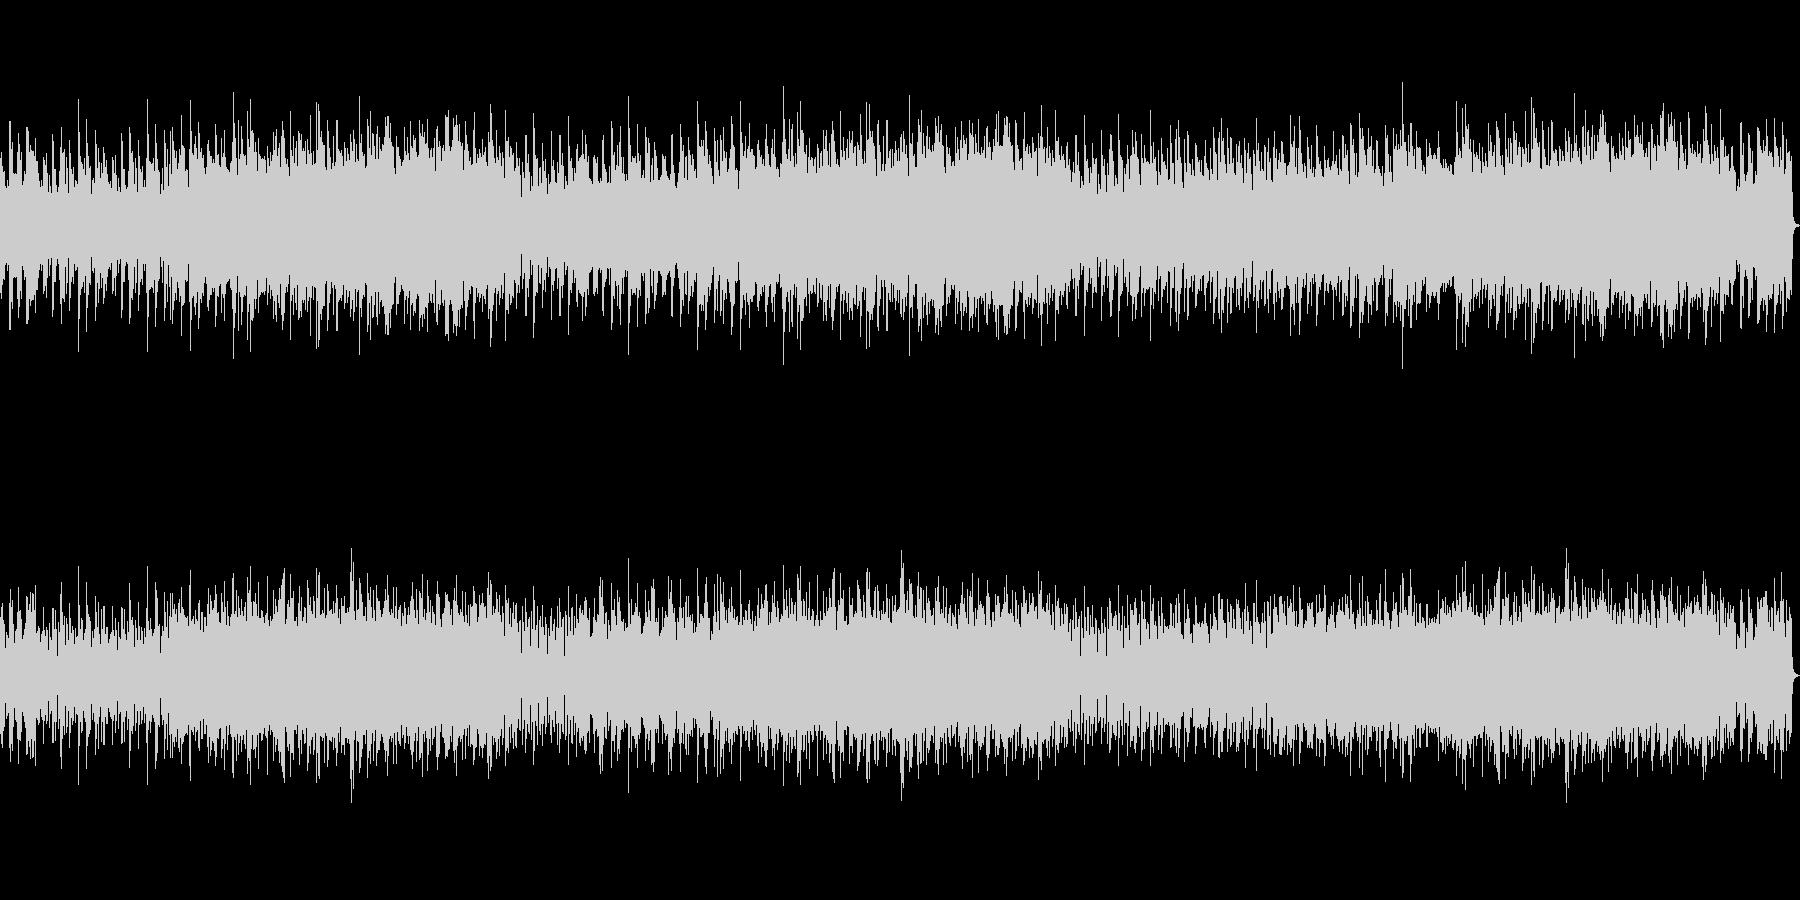 高音質♪オランダ風アコーディオンオルガンの未再生の波形